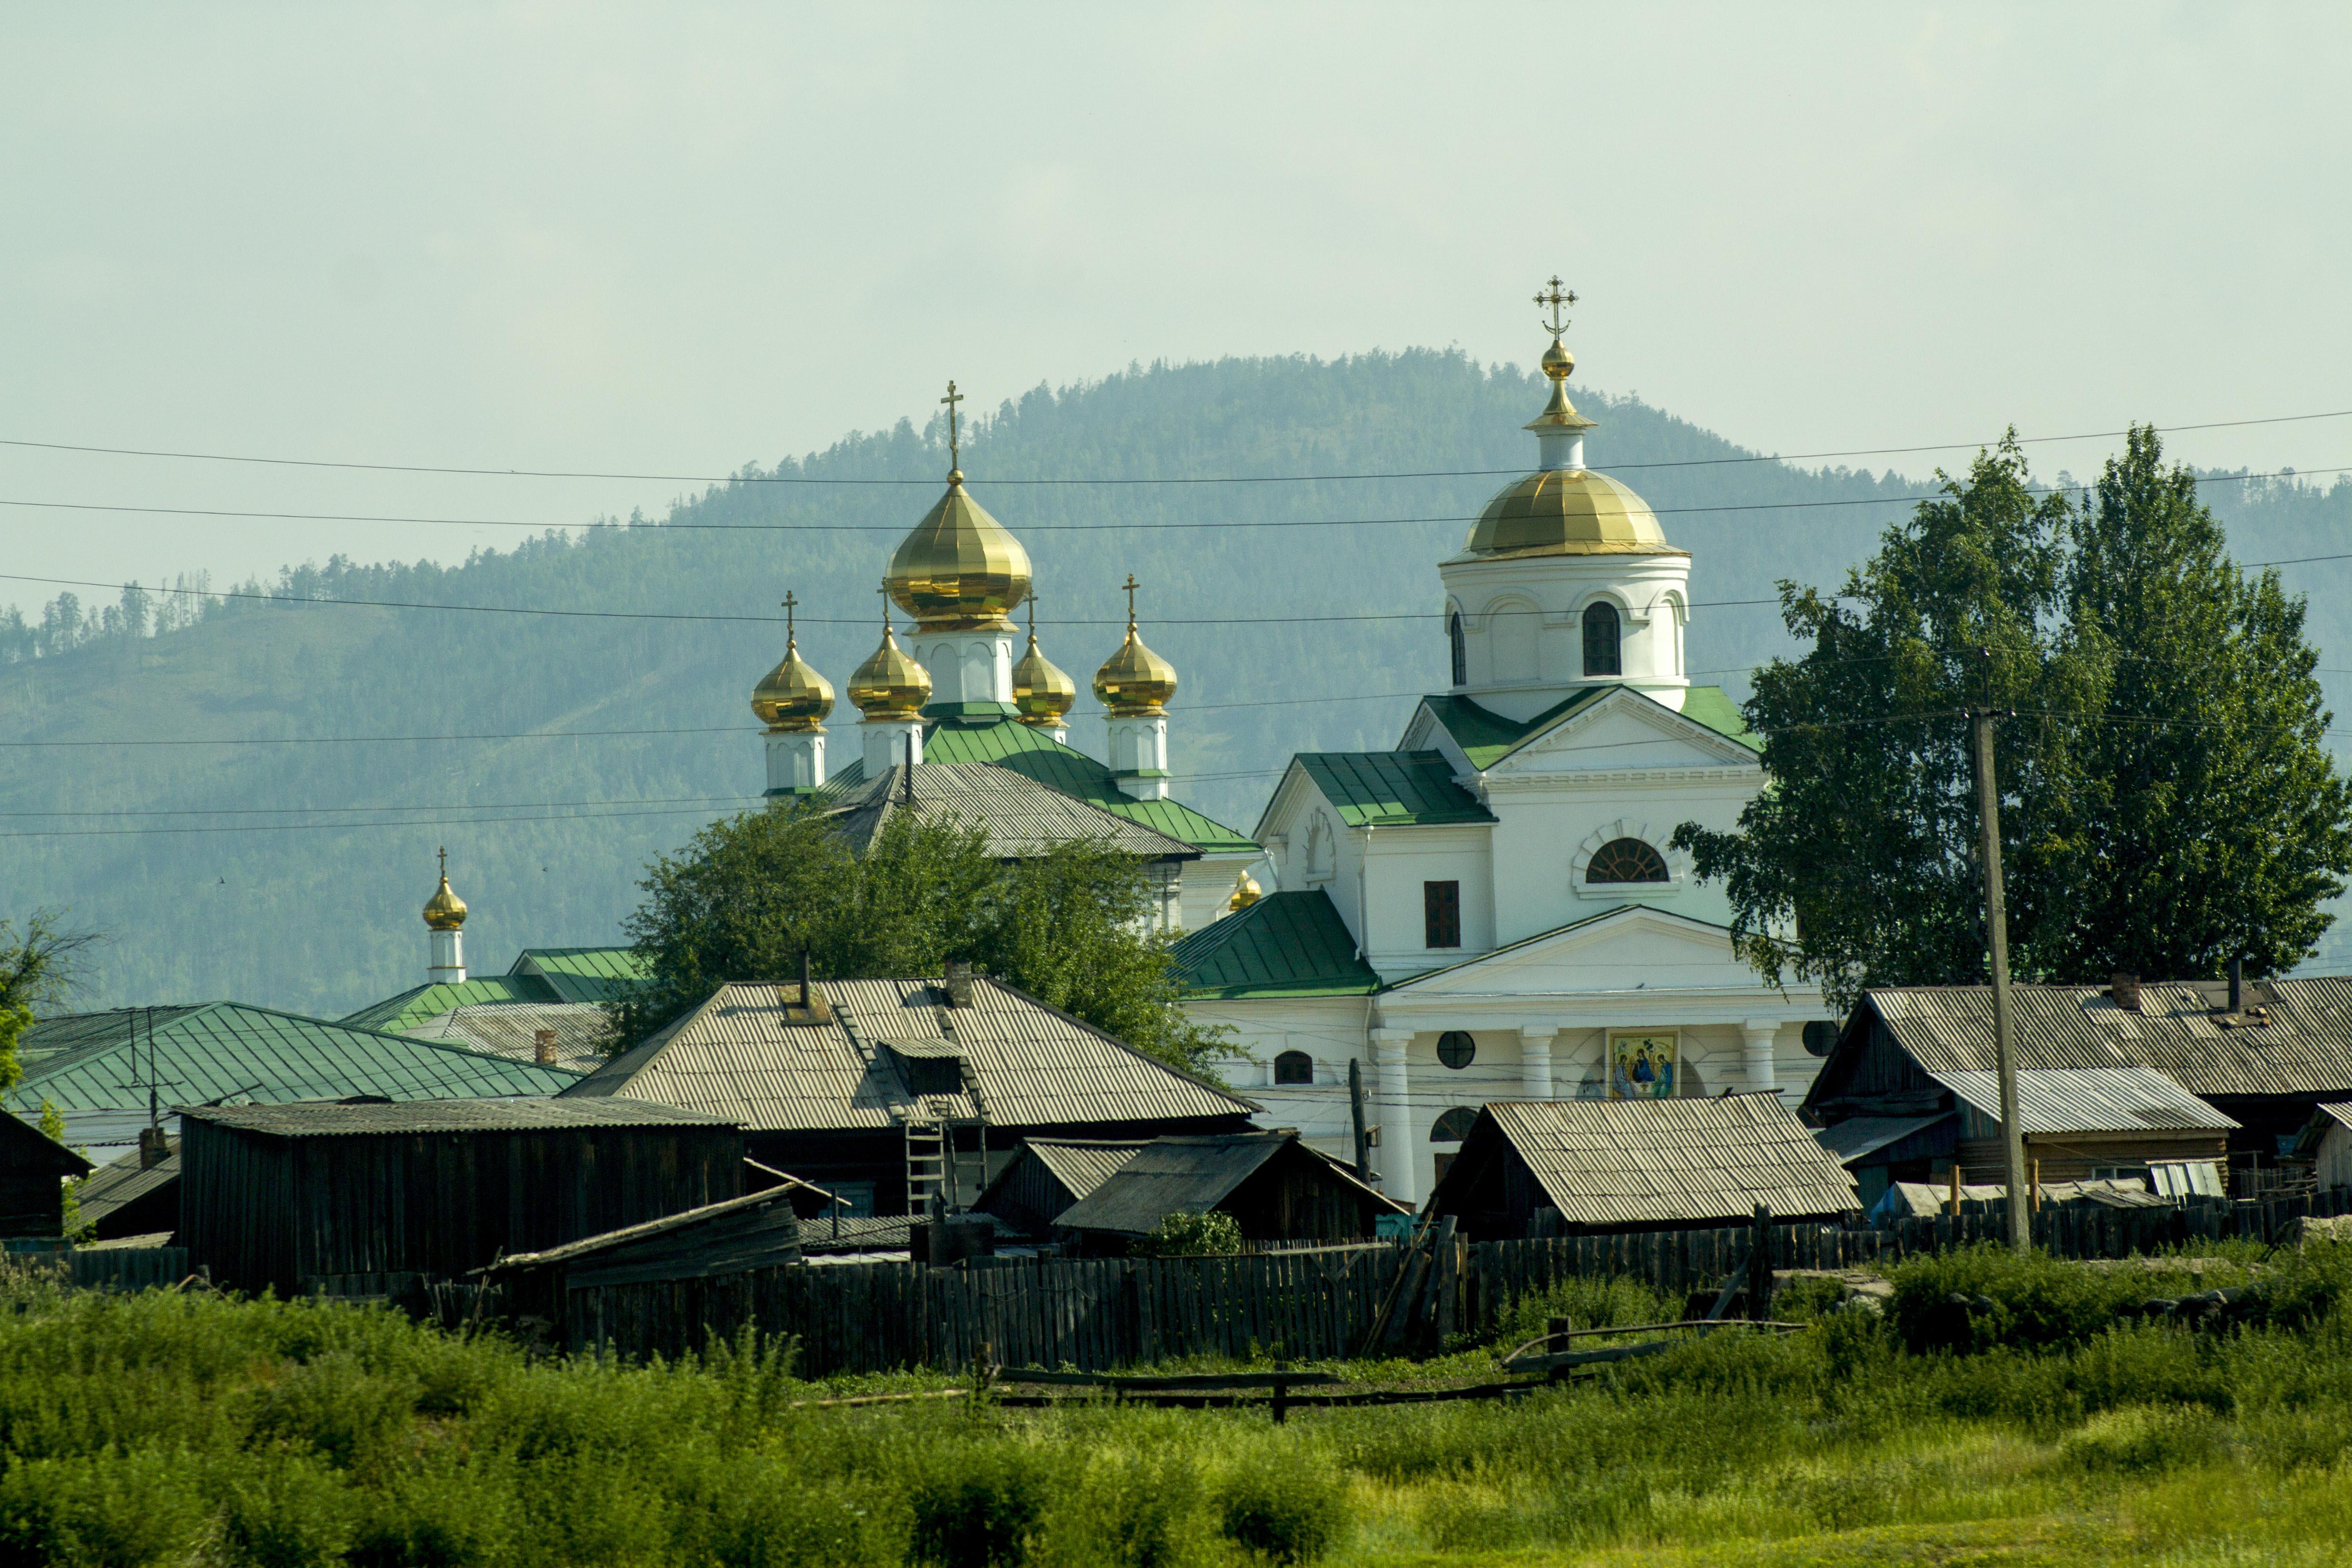 Как много на просторах России, маленьгих красивых церквушек...